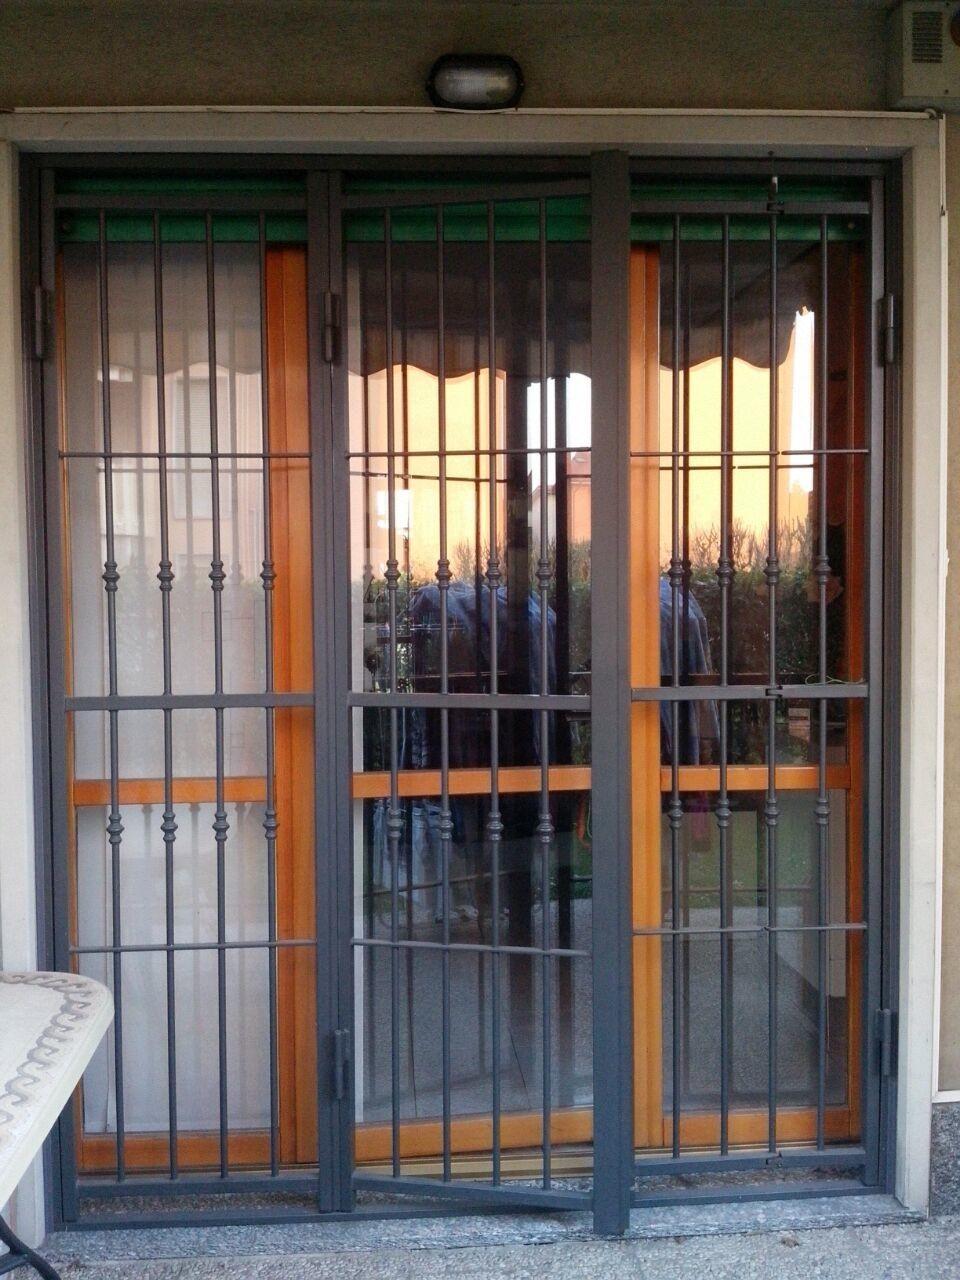 Grate E Inferriate Di Sicurezza Per Finestre E Porte In Ferro Acciaio A Milano Como Varese Bergamo E Monza Brianza Lombardia